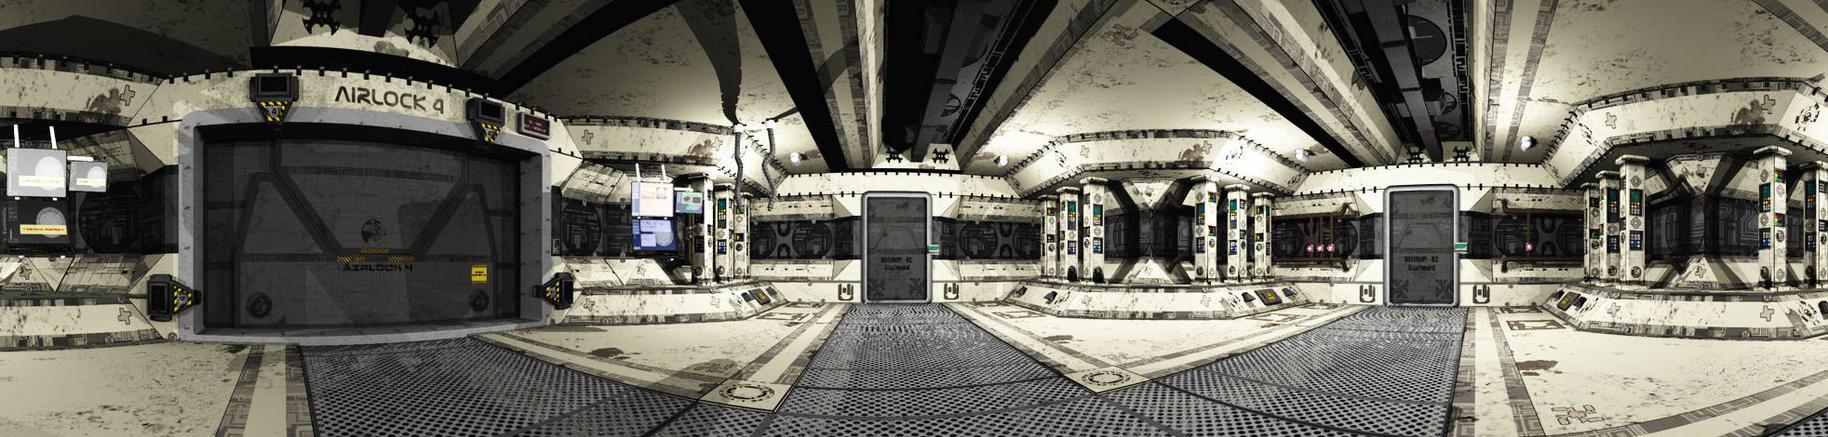 airlock_4_sample